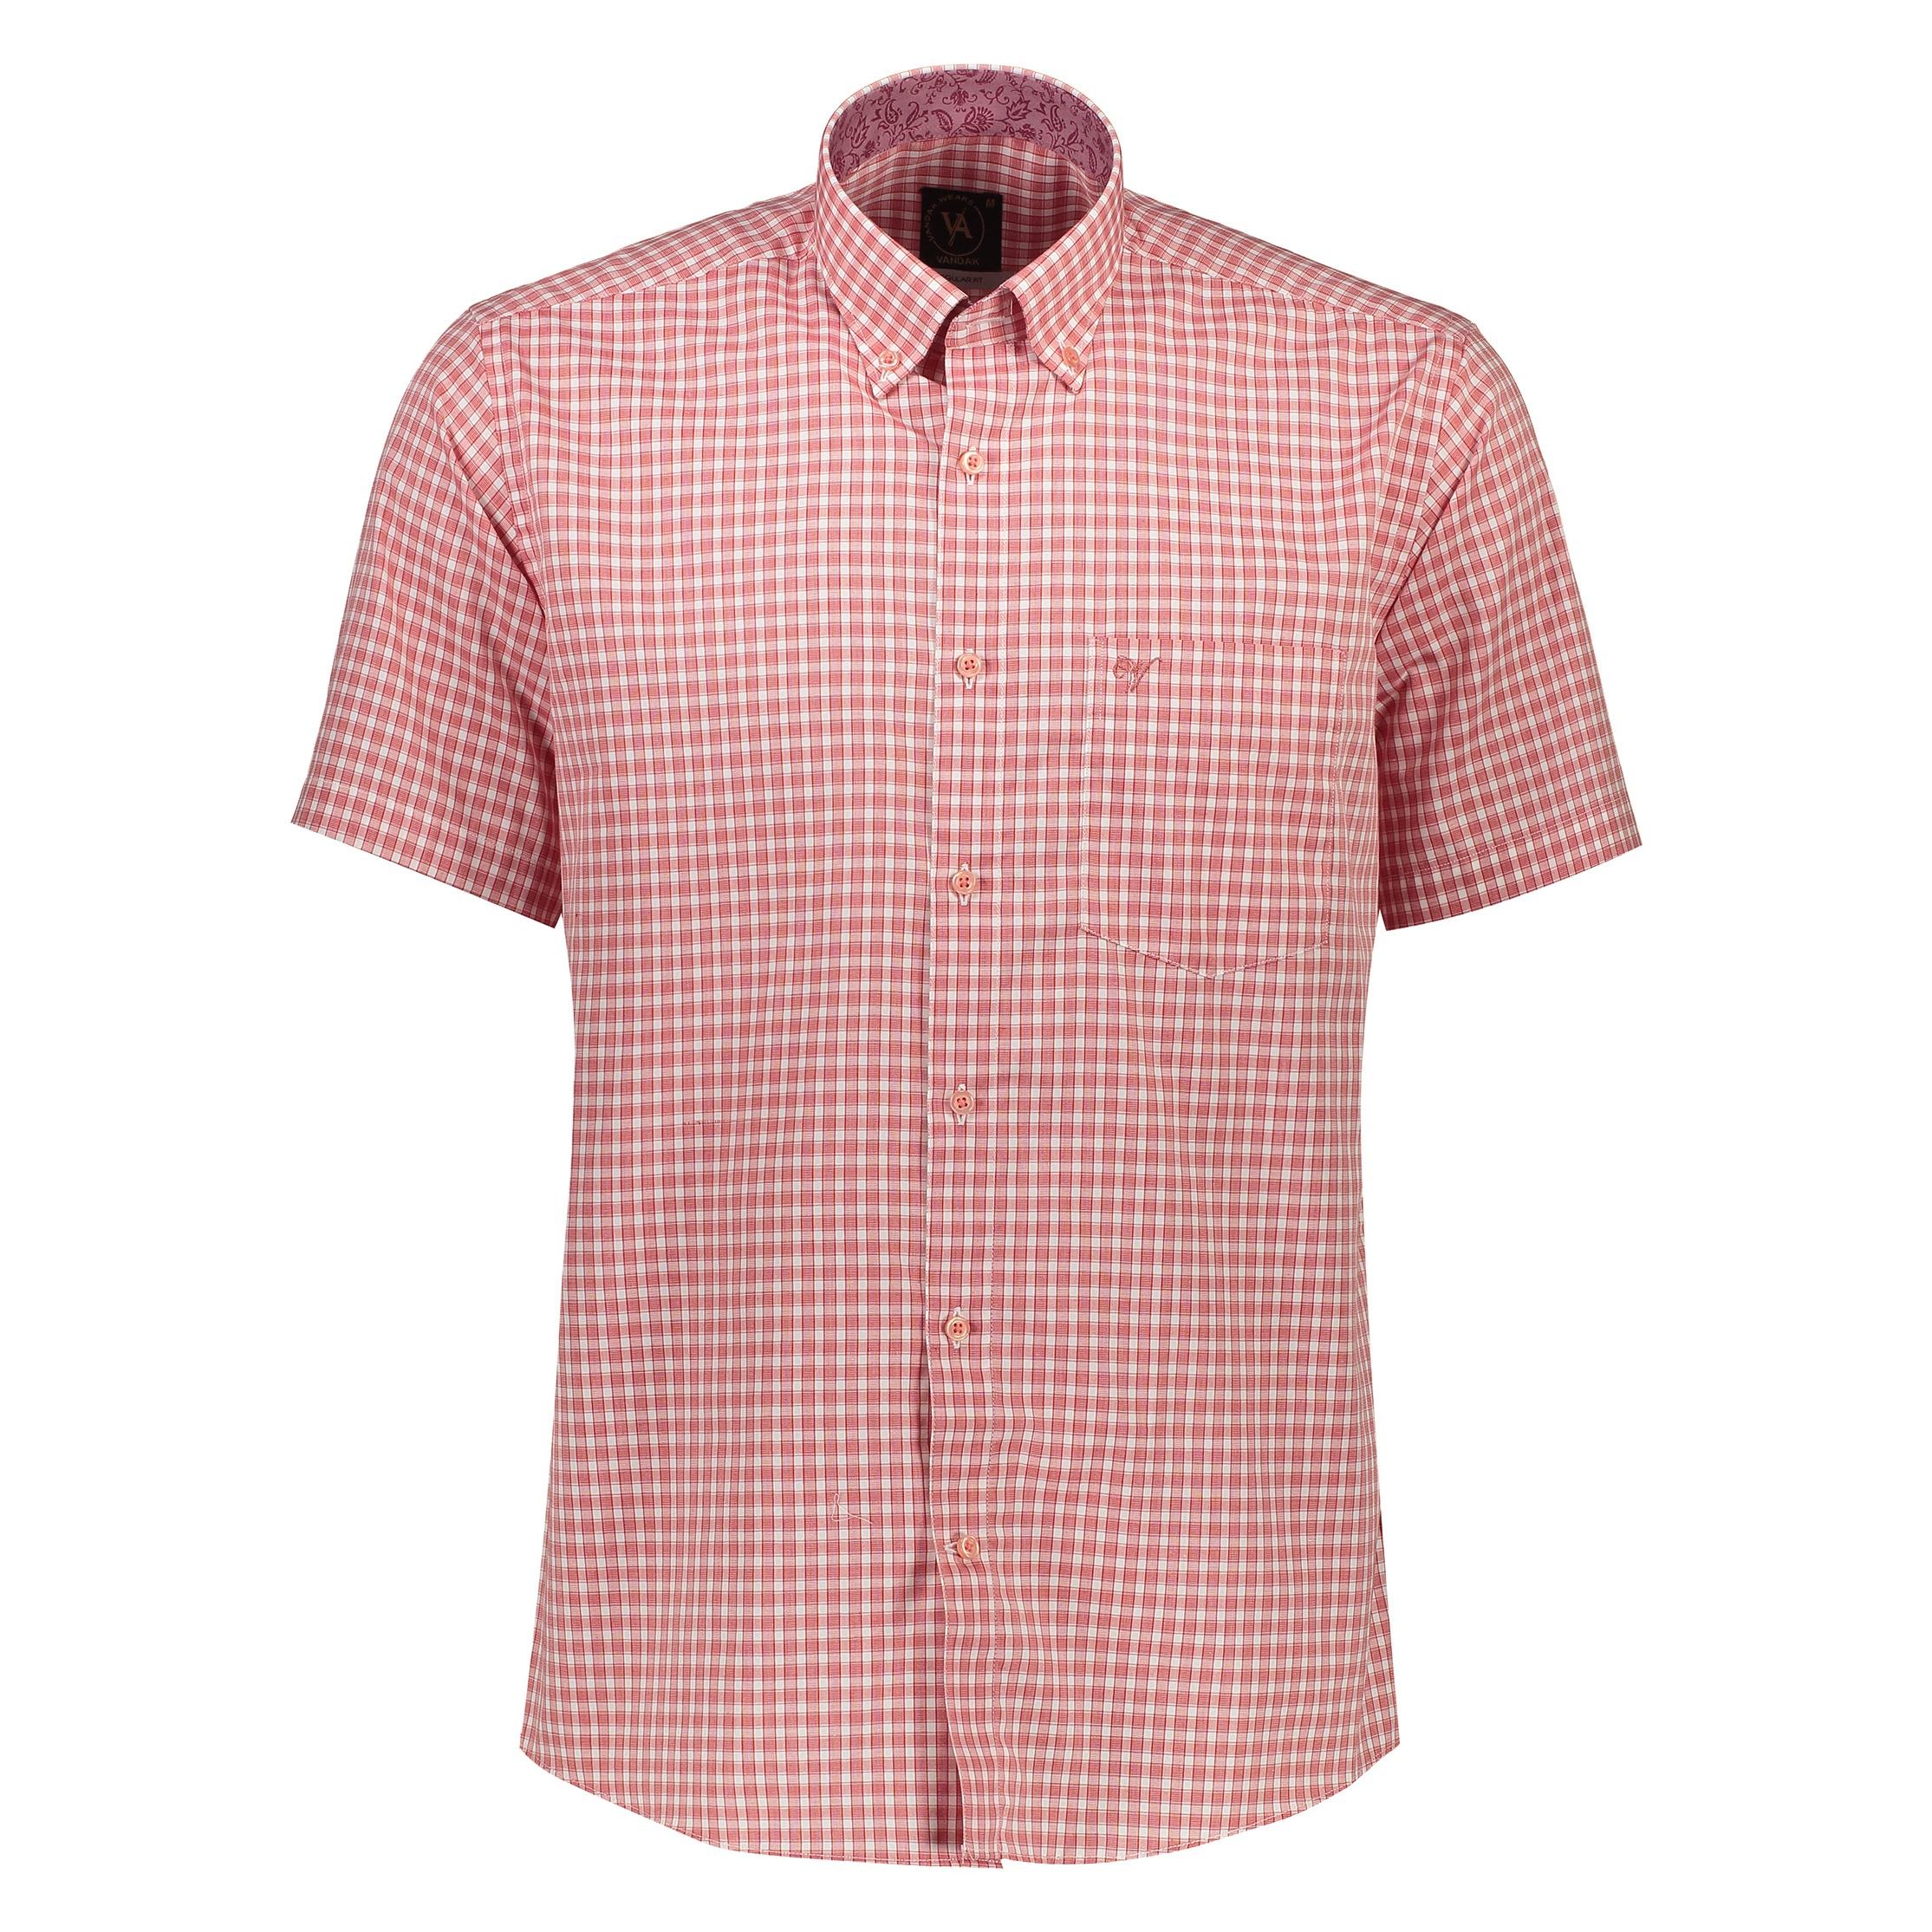 پیراهن مردانه ونداک کد 006